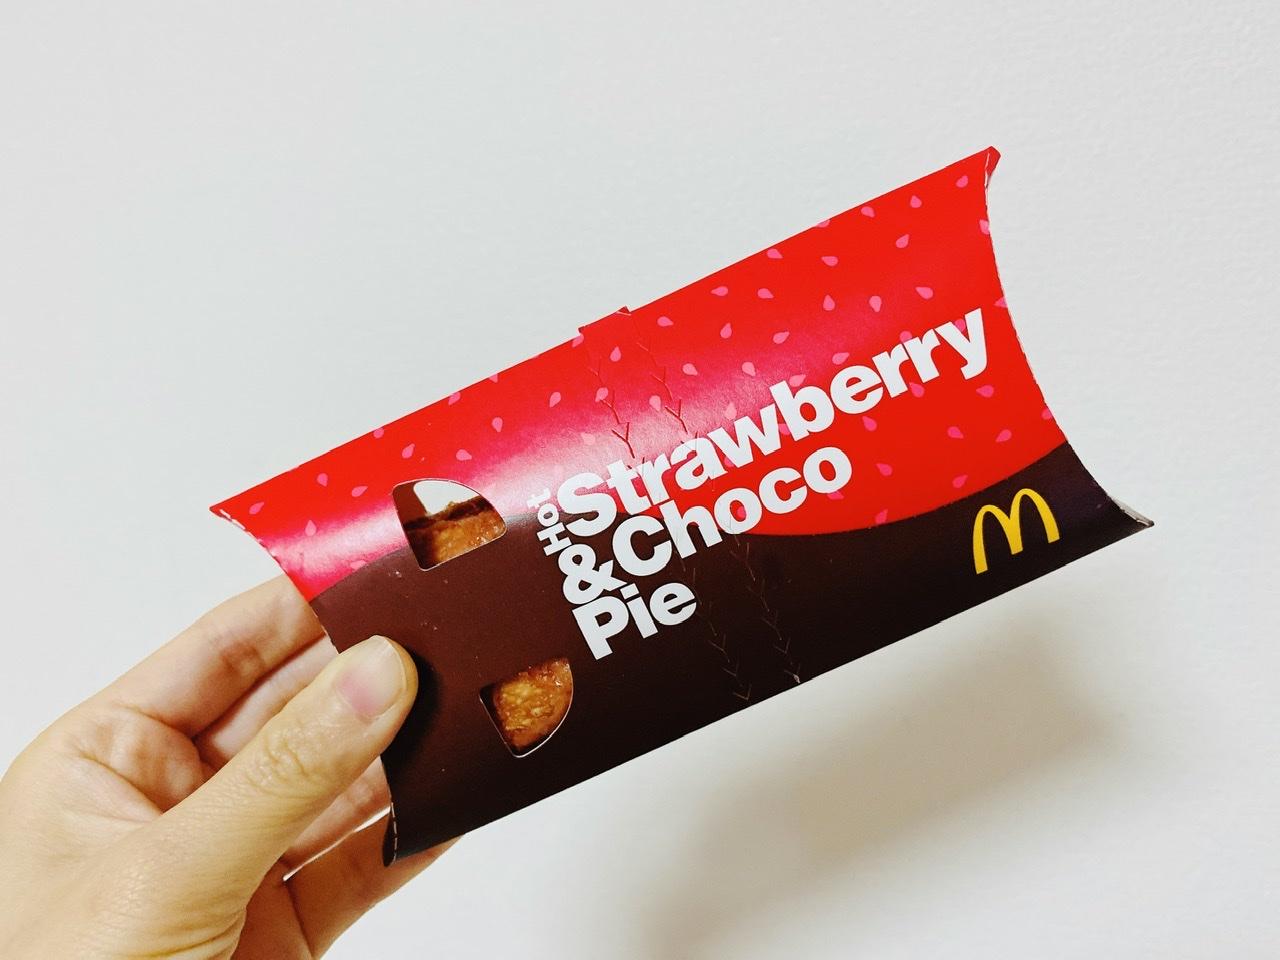 【マクドナルド】の苺スイーツも要チェック!期間限定《ずるいチョコいちごパイ》が新登場★_4